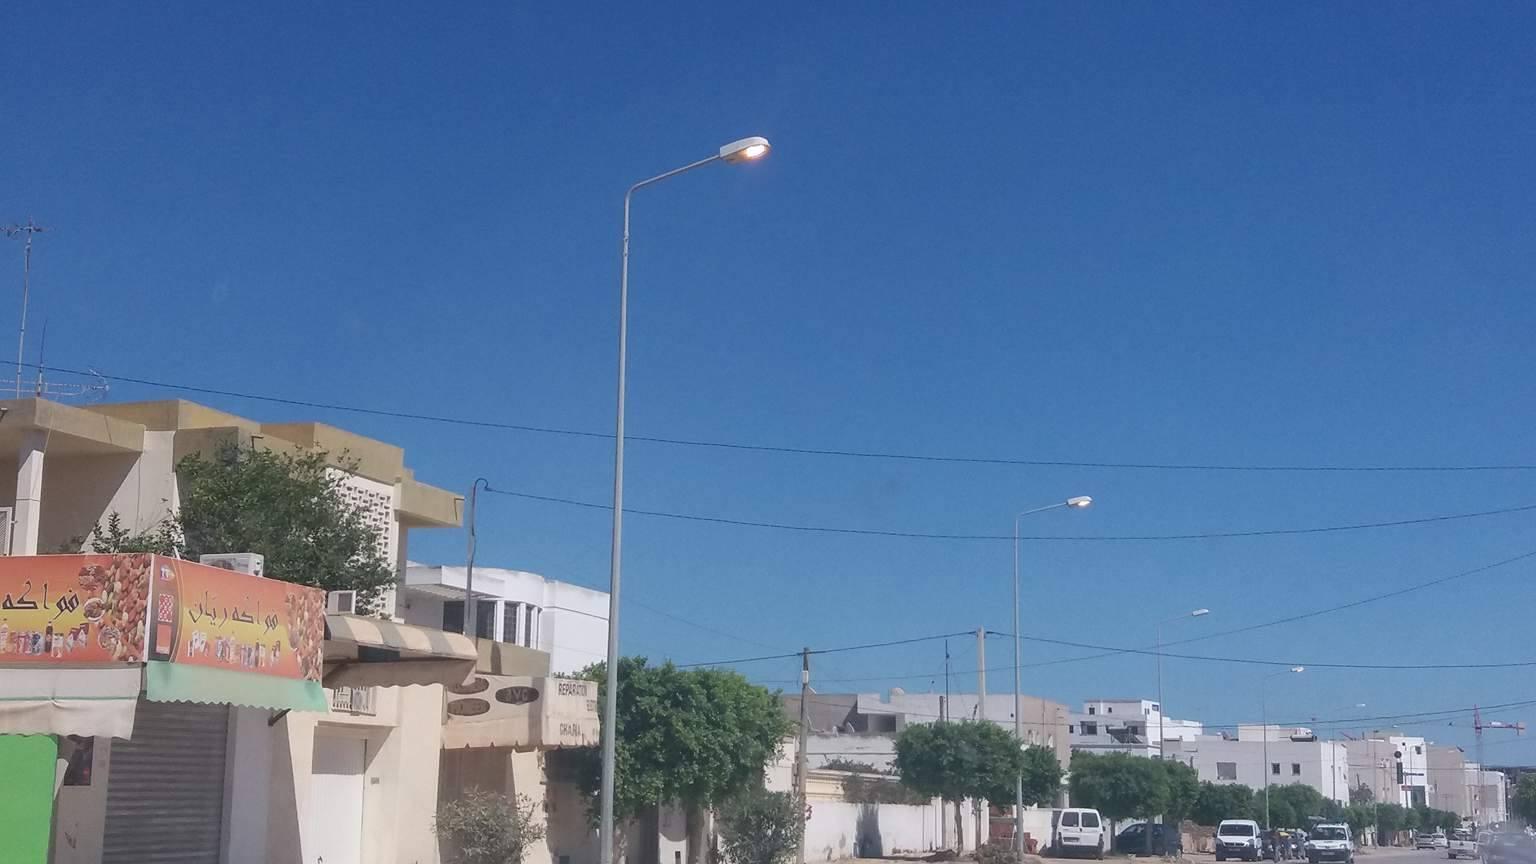 """إلى """"الستاغ"""" : أضواء التنوير العمومي تضيء في الليل والنهار في طريق الأفران"""